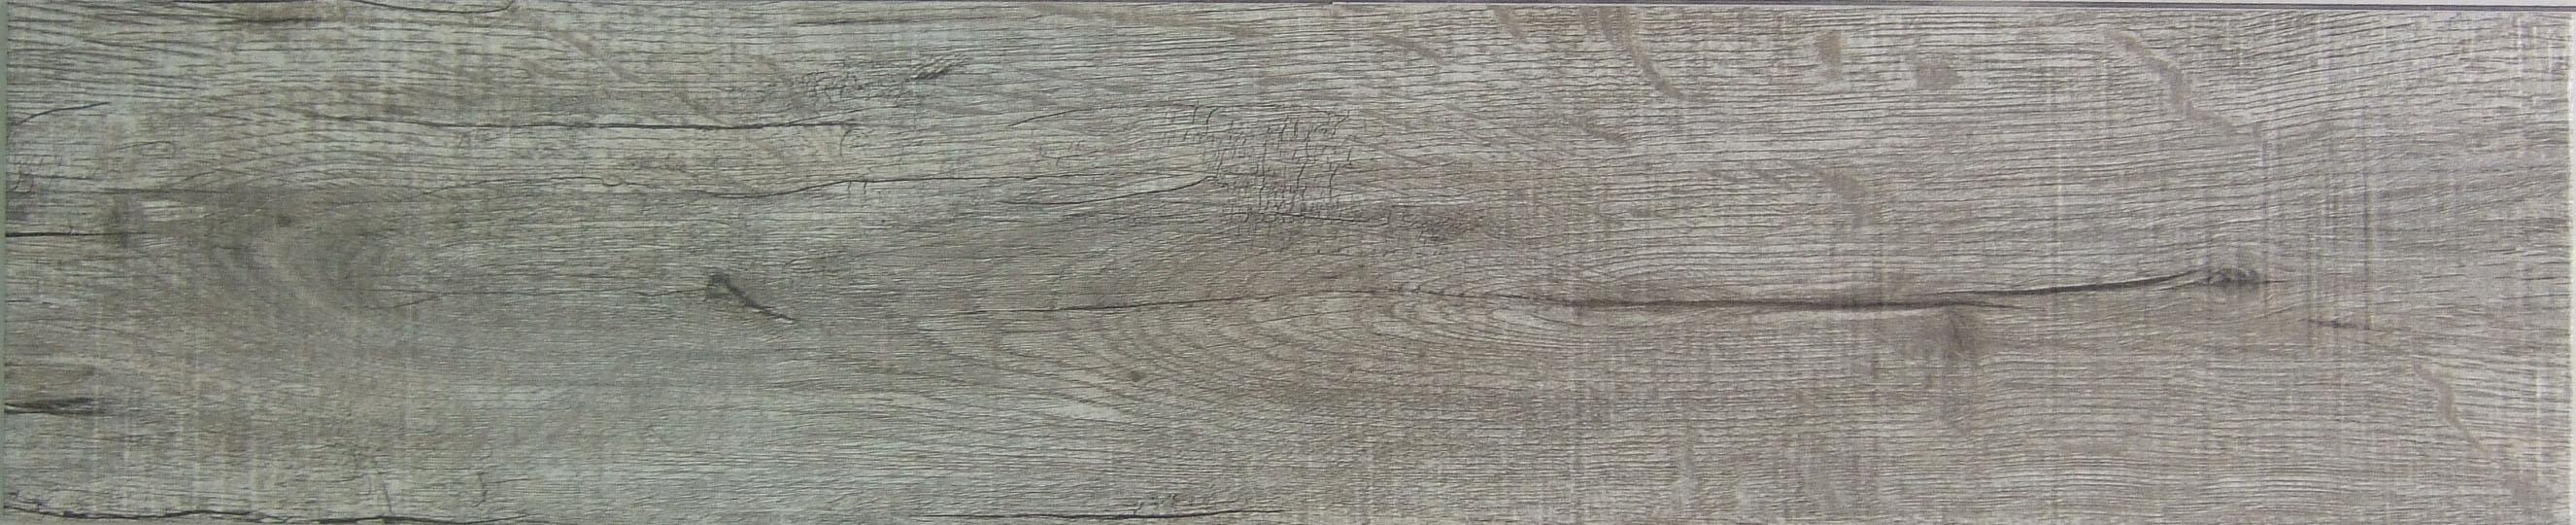 กระเบื้องลายไม้ 20x100 cm รุ่น VHD-08016